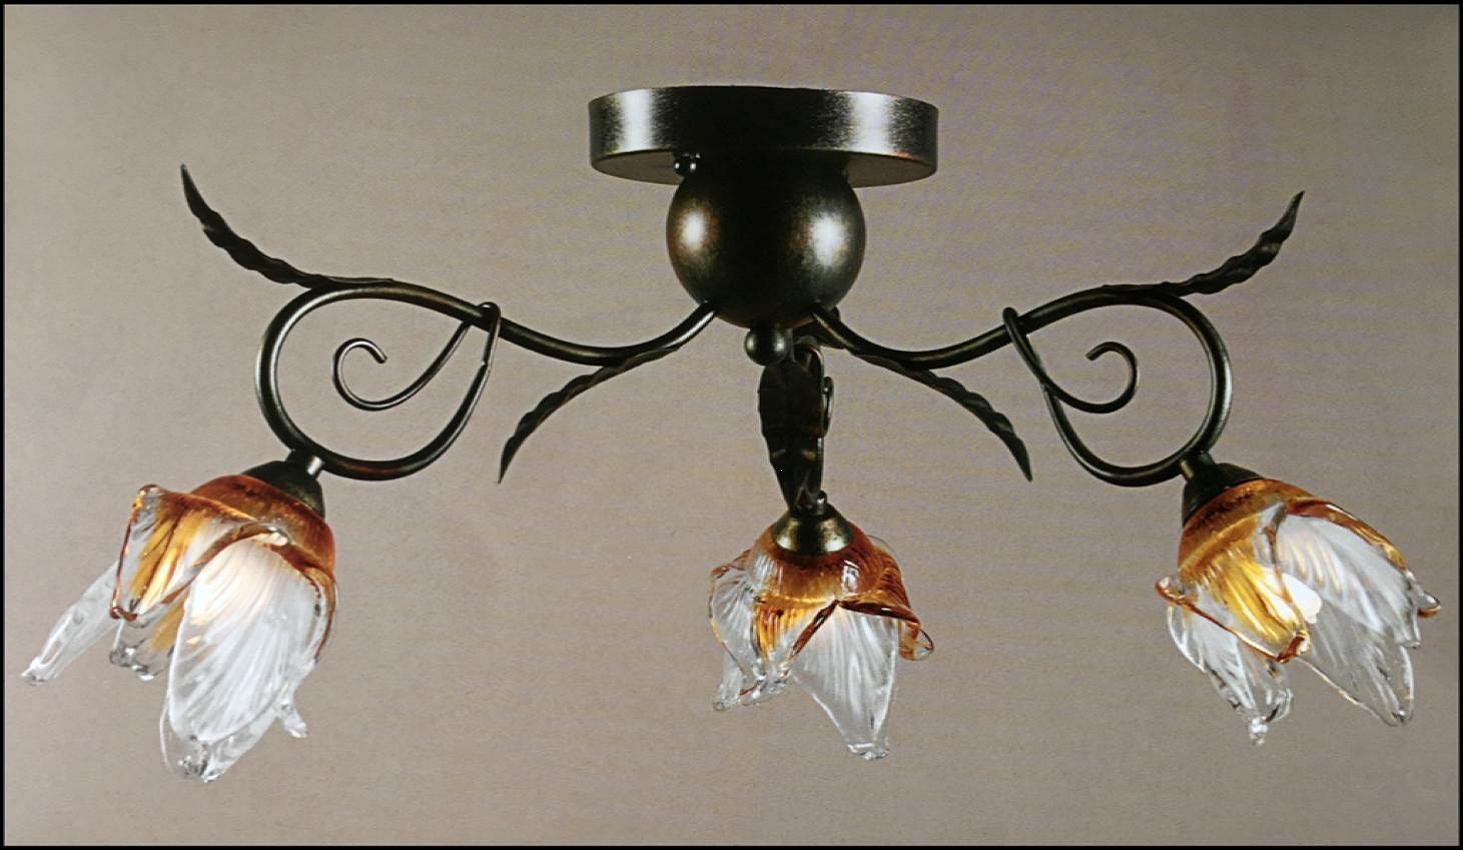 Plafoniere Con Base In Legno : Plafoniera anticata luci con fiore vetro soffiato ambra trasparente